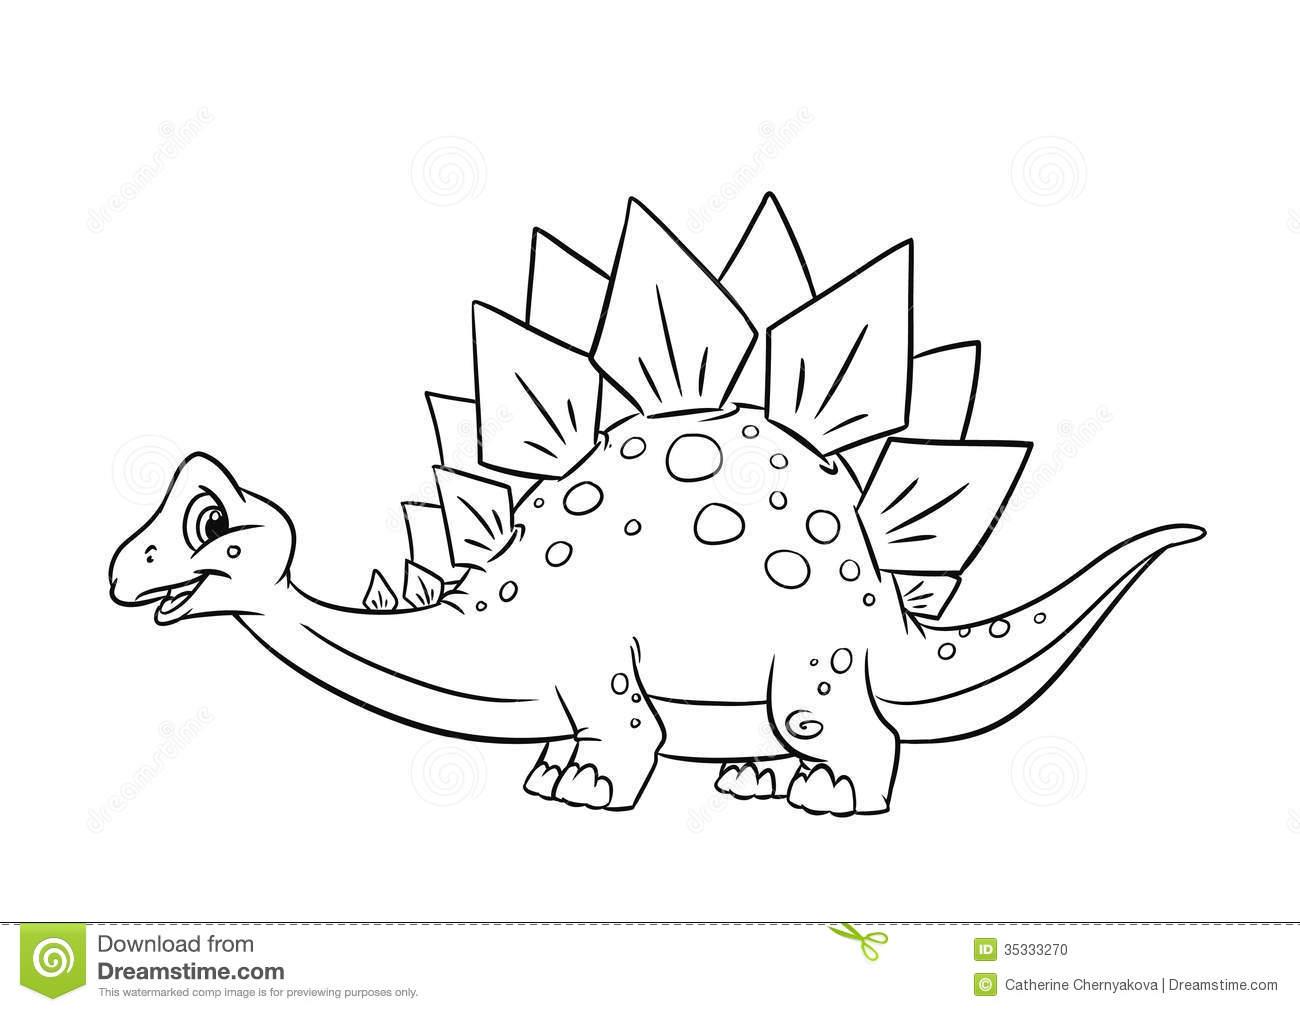 Stegosaurus coloring #20, Download drawings